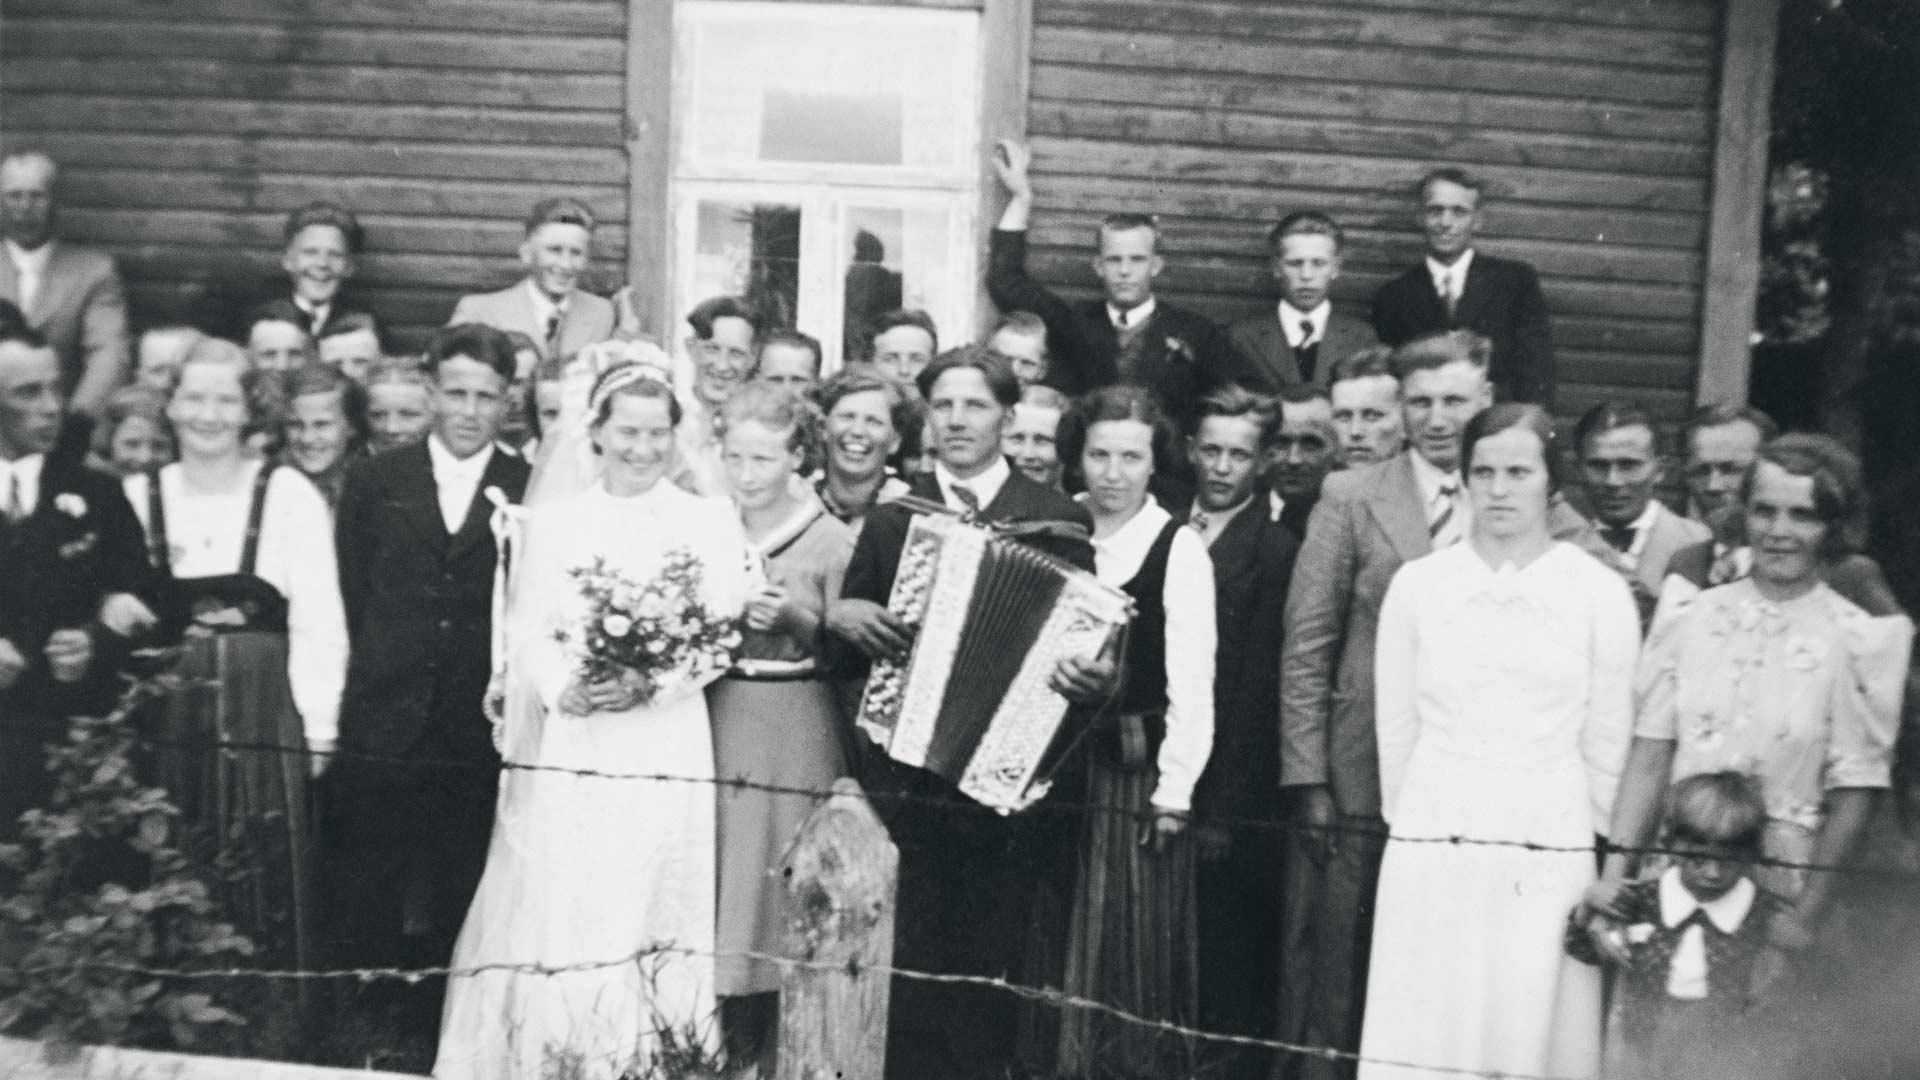 Saima ja Mauno vihittiin juhannuksena 1939, mutta sota heitti liittoon synkän varjonsa ja yhteiselo jäi lyhyeksi.